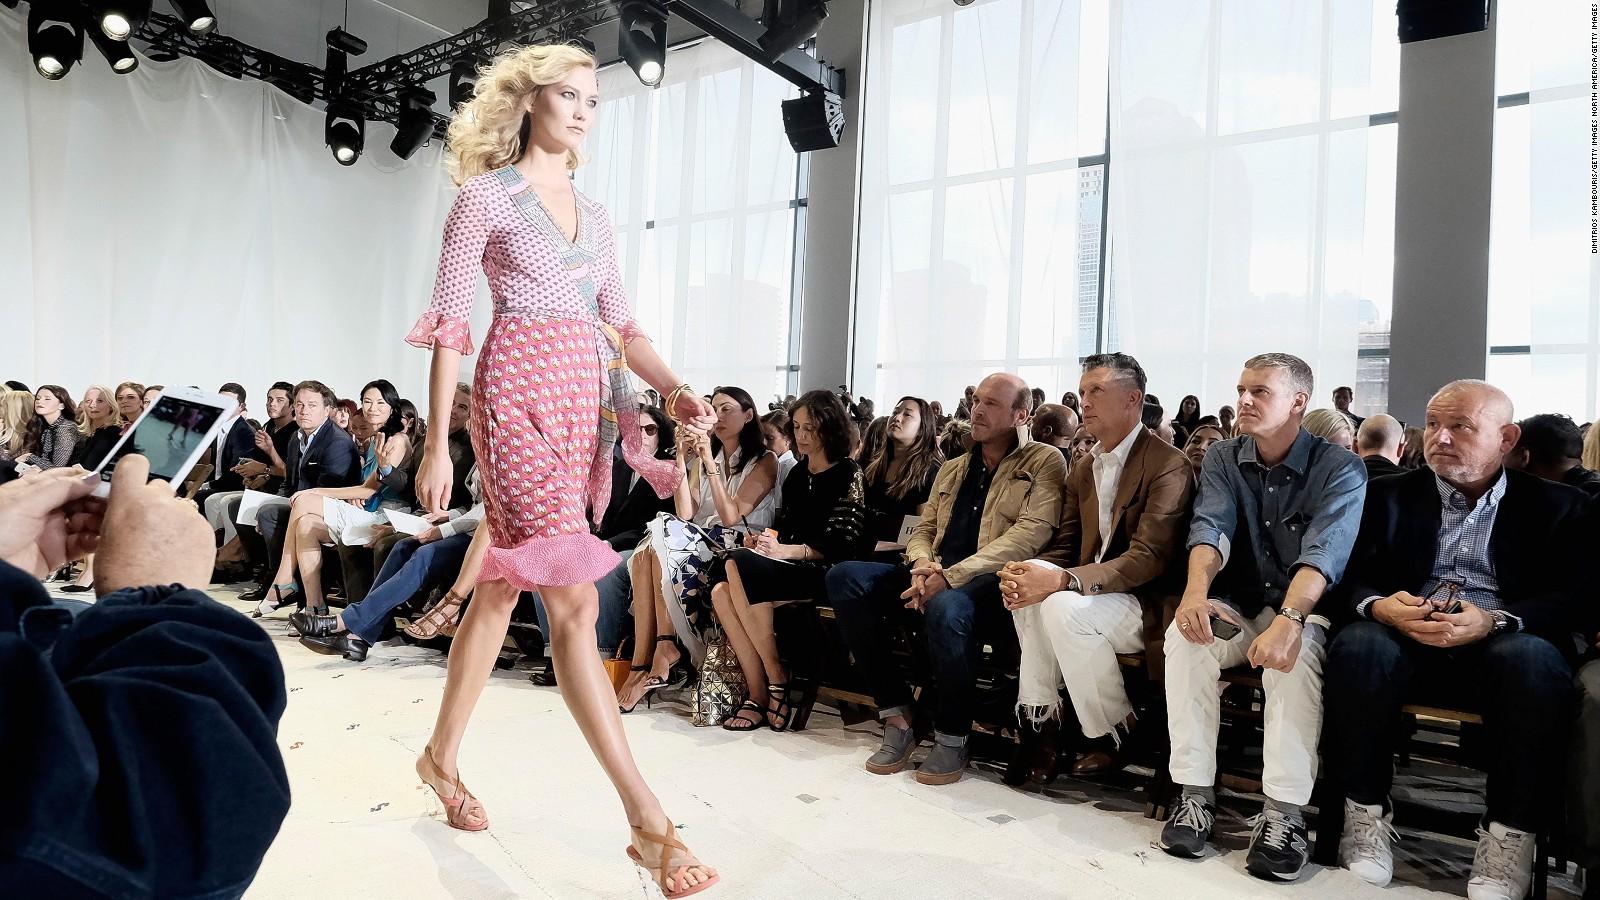 60503c3a276b7 Backstage at NYC Fashion Week: Diane von Furstenberg - CNN Style